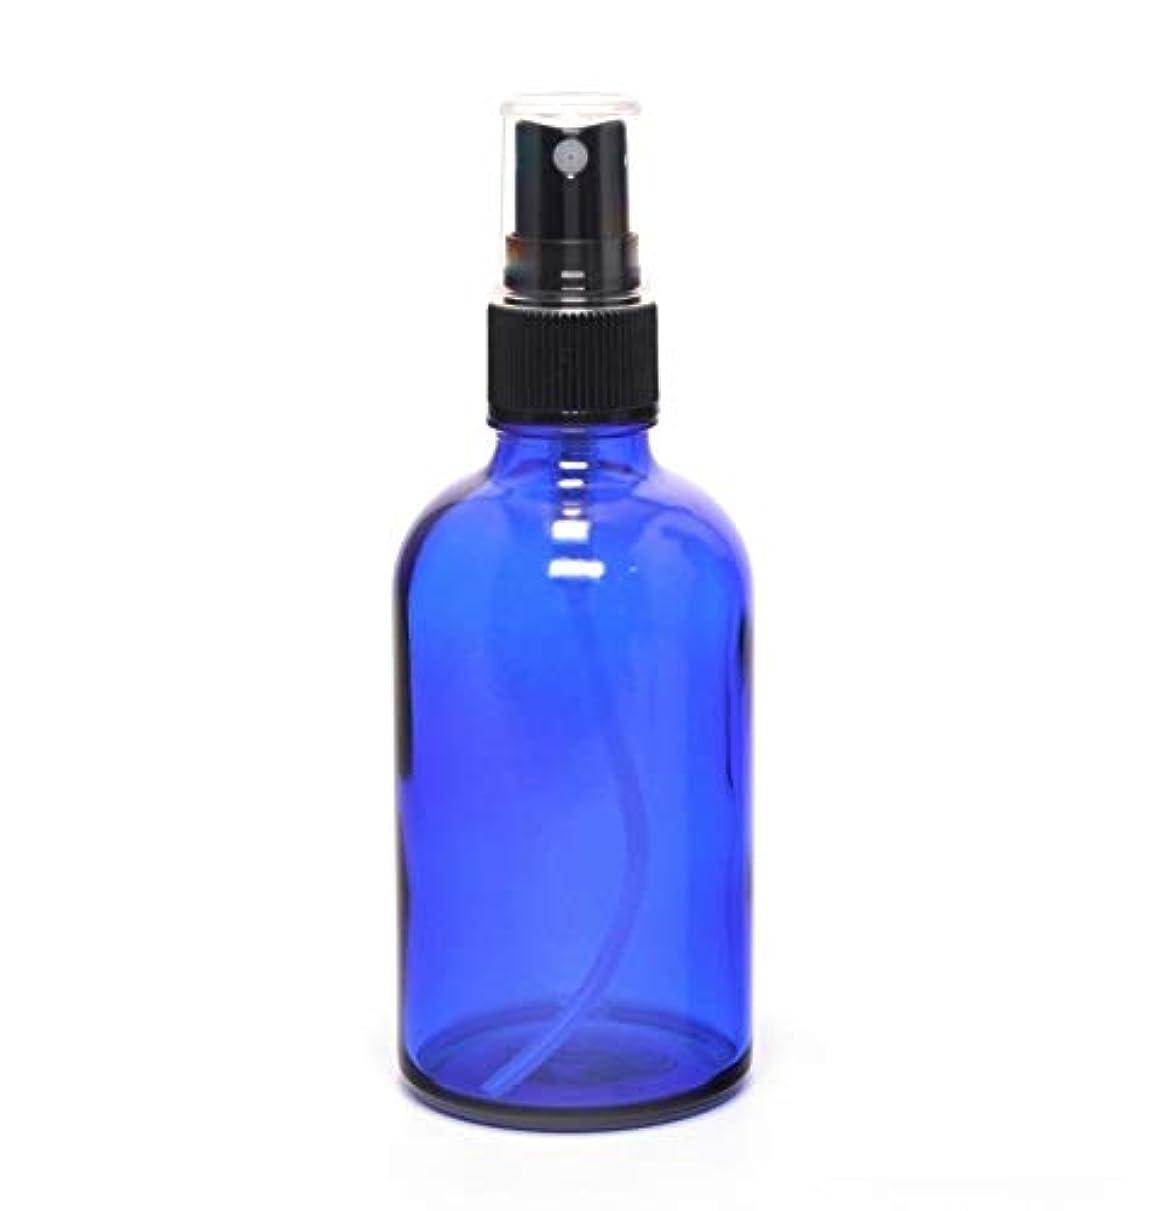 ピッチこだわりバイソン遮光瓶 蓄圧式で細かいミストのスプレーボトル 100ml コバルトブルー / 1本 ( 硝子製?アトマイザー )ブラックヘッド